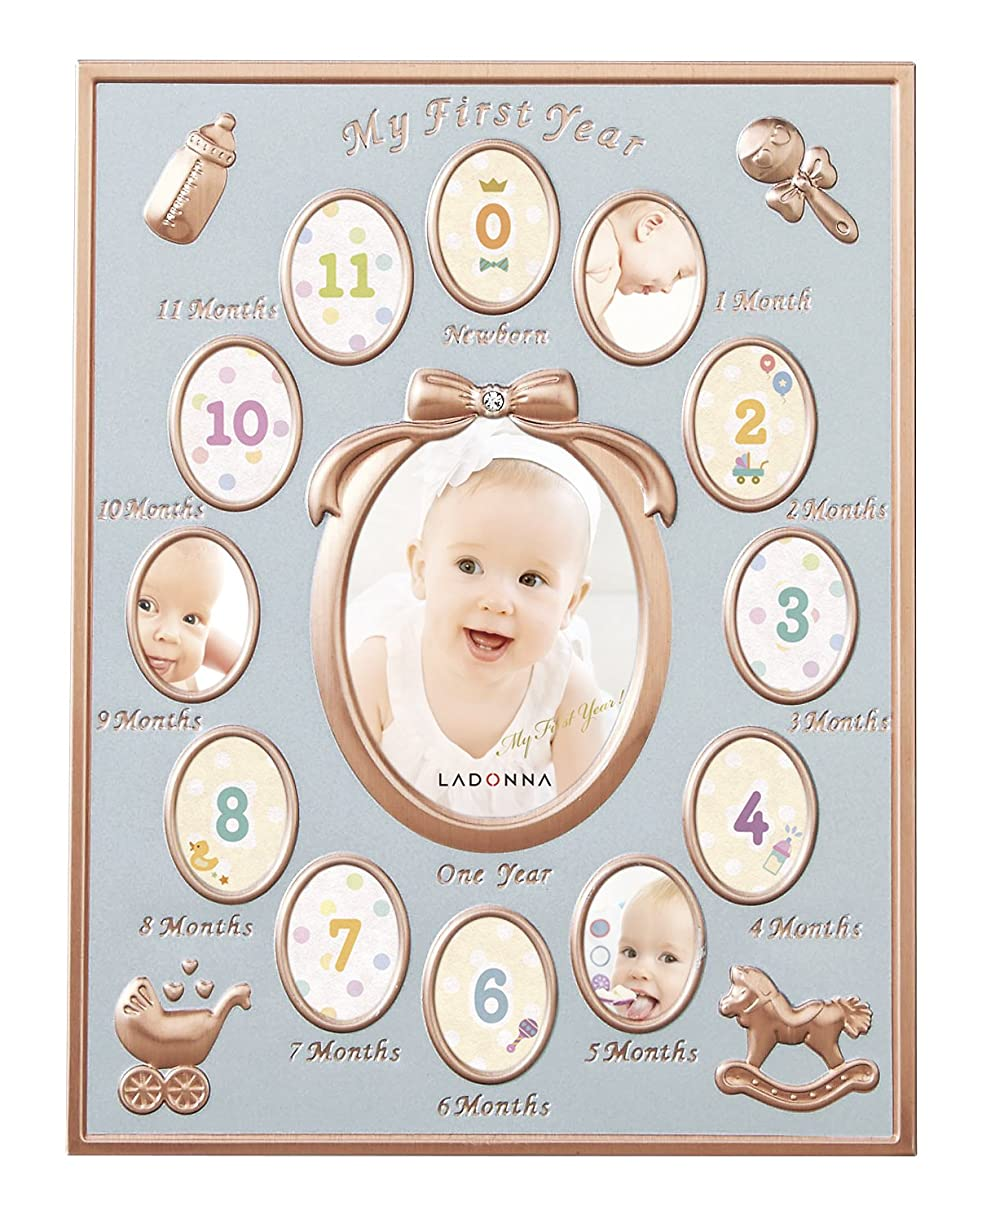 白い壁紙マネージャーラドンナ ベビーフレーム MB84 12ヶ月ベビーフレーム ミニ ピンクゴールド